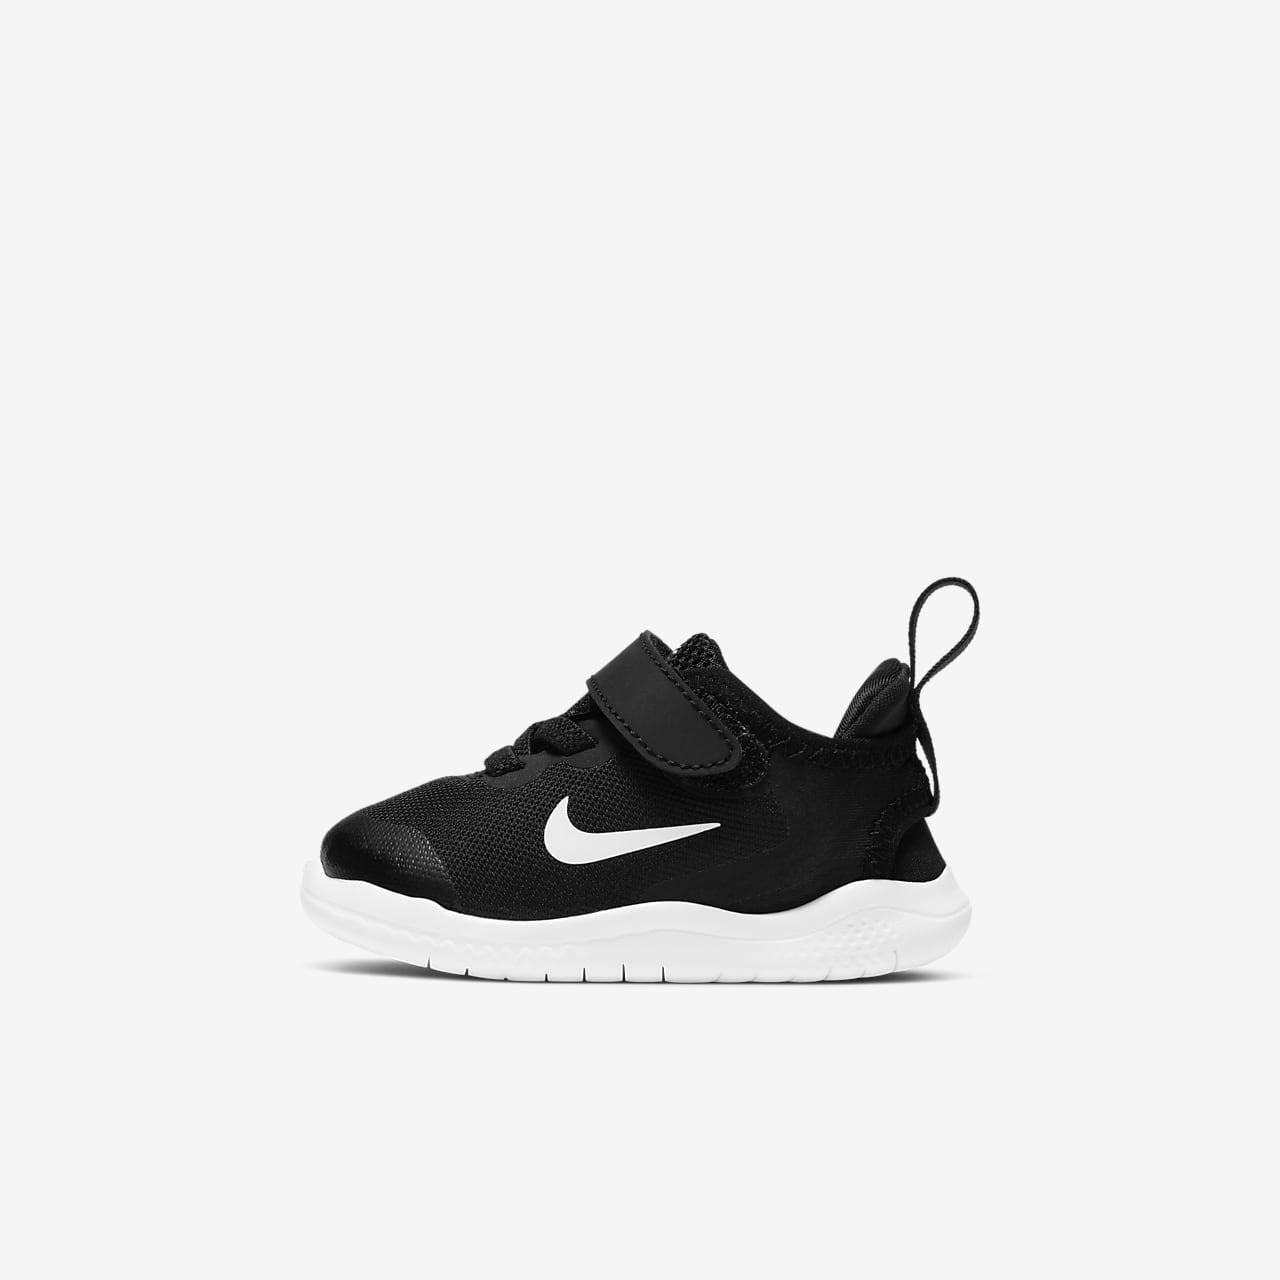 5789783bde7461 Nike Free RN 2018 Schuh für Babys und Kleinkinder. Nike.com AT